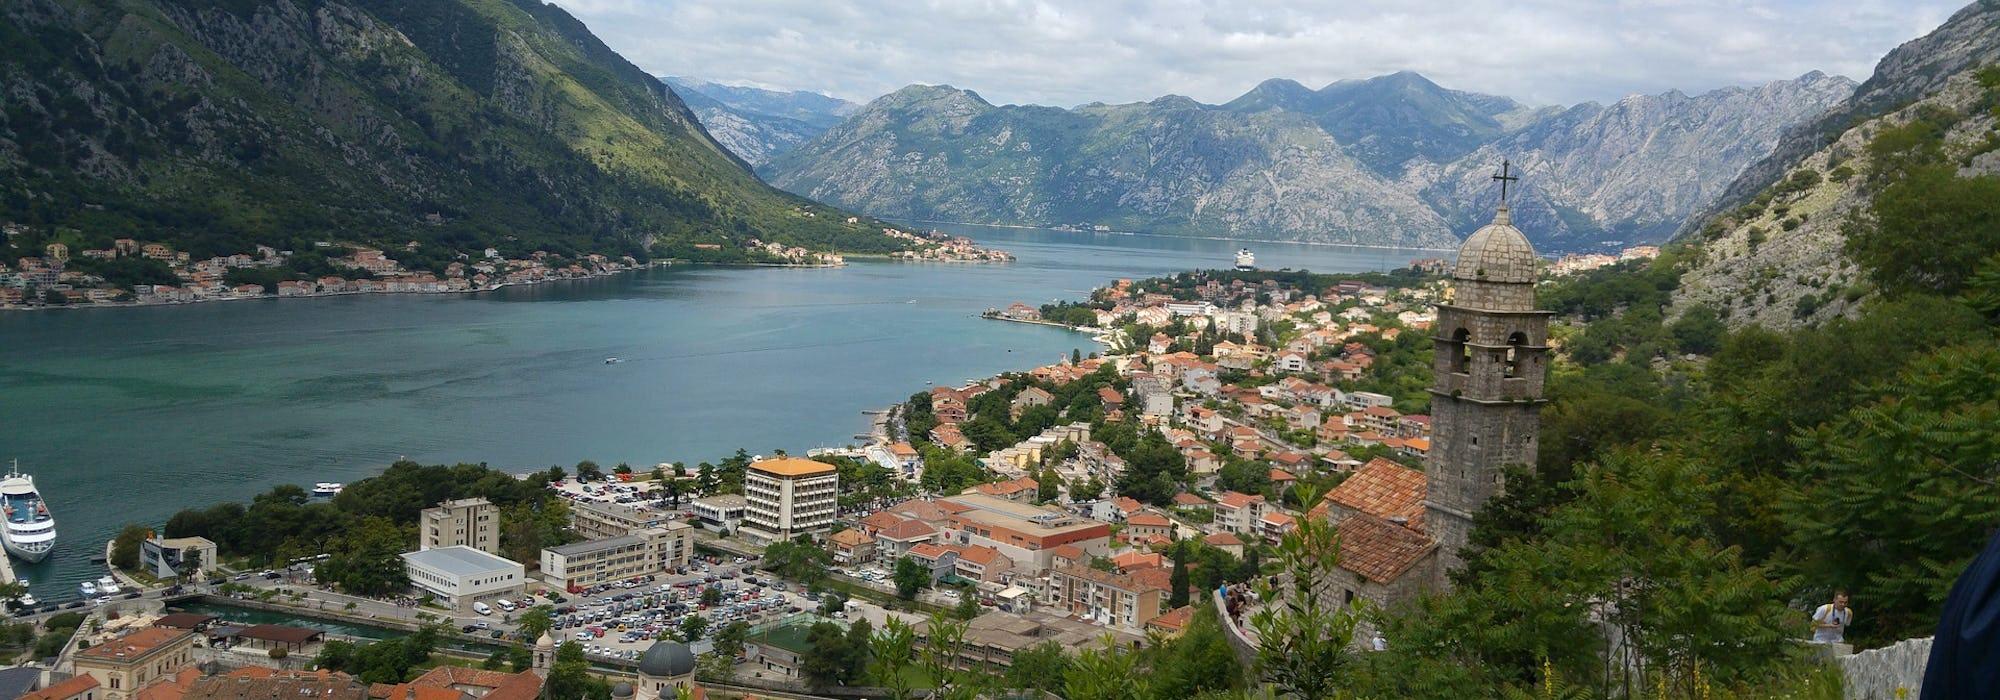 Kryssning till Kotor i Montenegro med berg runtomkring kotorbukten